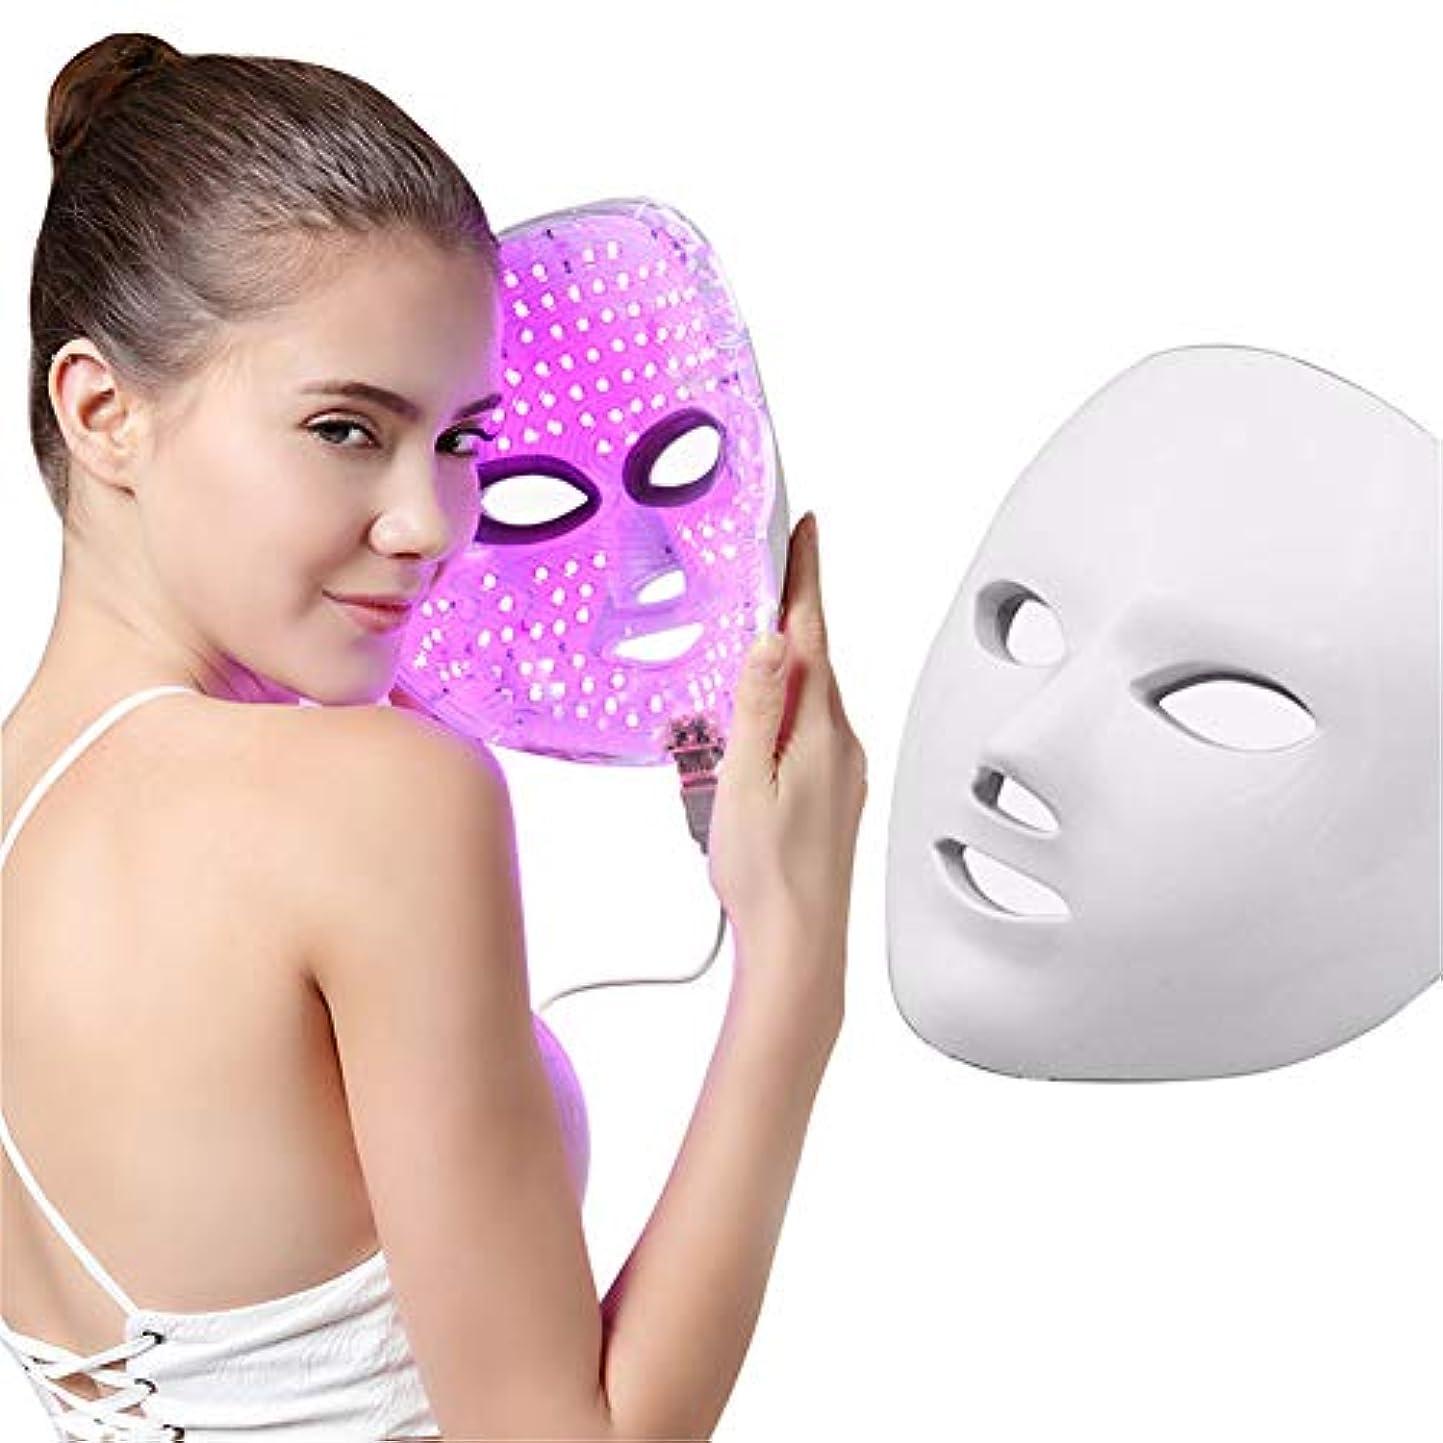 モザイク布争い7色ledマスク若返りにきび除去しわライト美容マスクled光線療法マッサージフェイシャルケア機付きリモコン